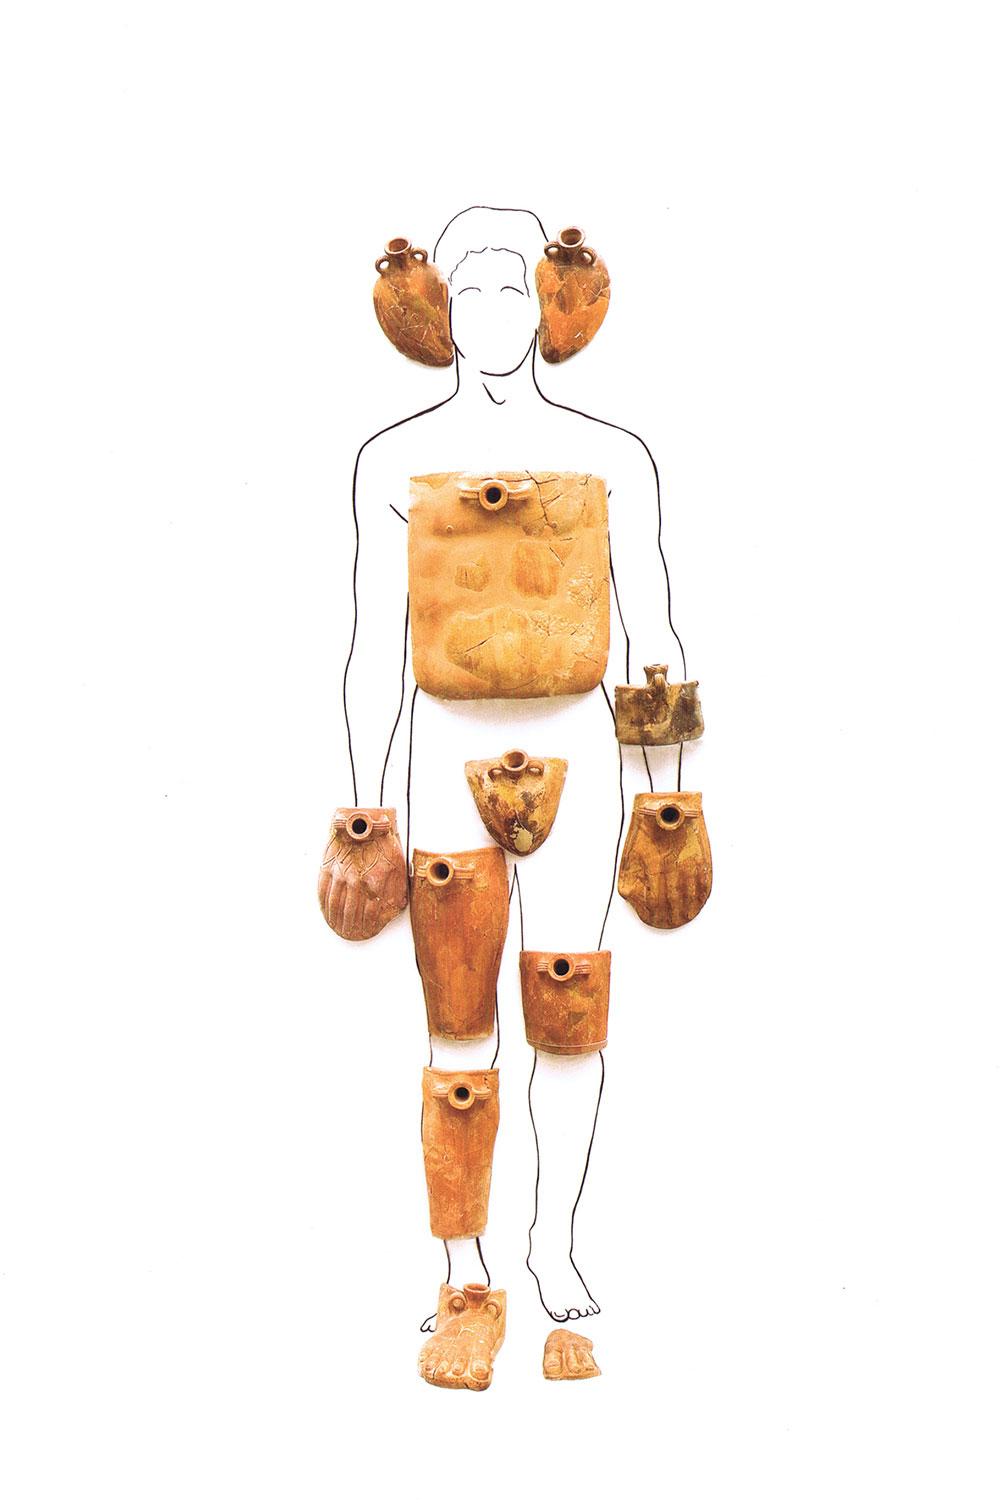 Οι κεραμικές θερμοφόρες της Πάφου. Φωτ. Ανδρέας Κούτας